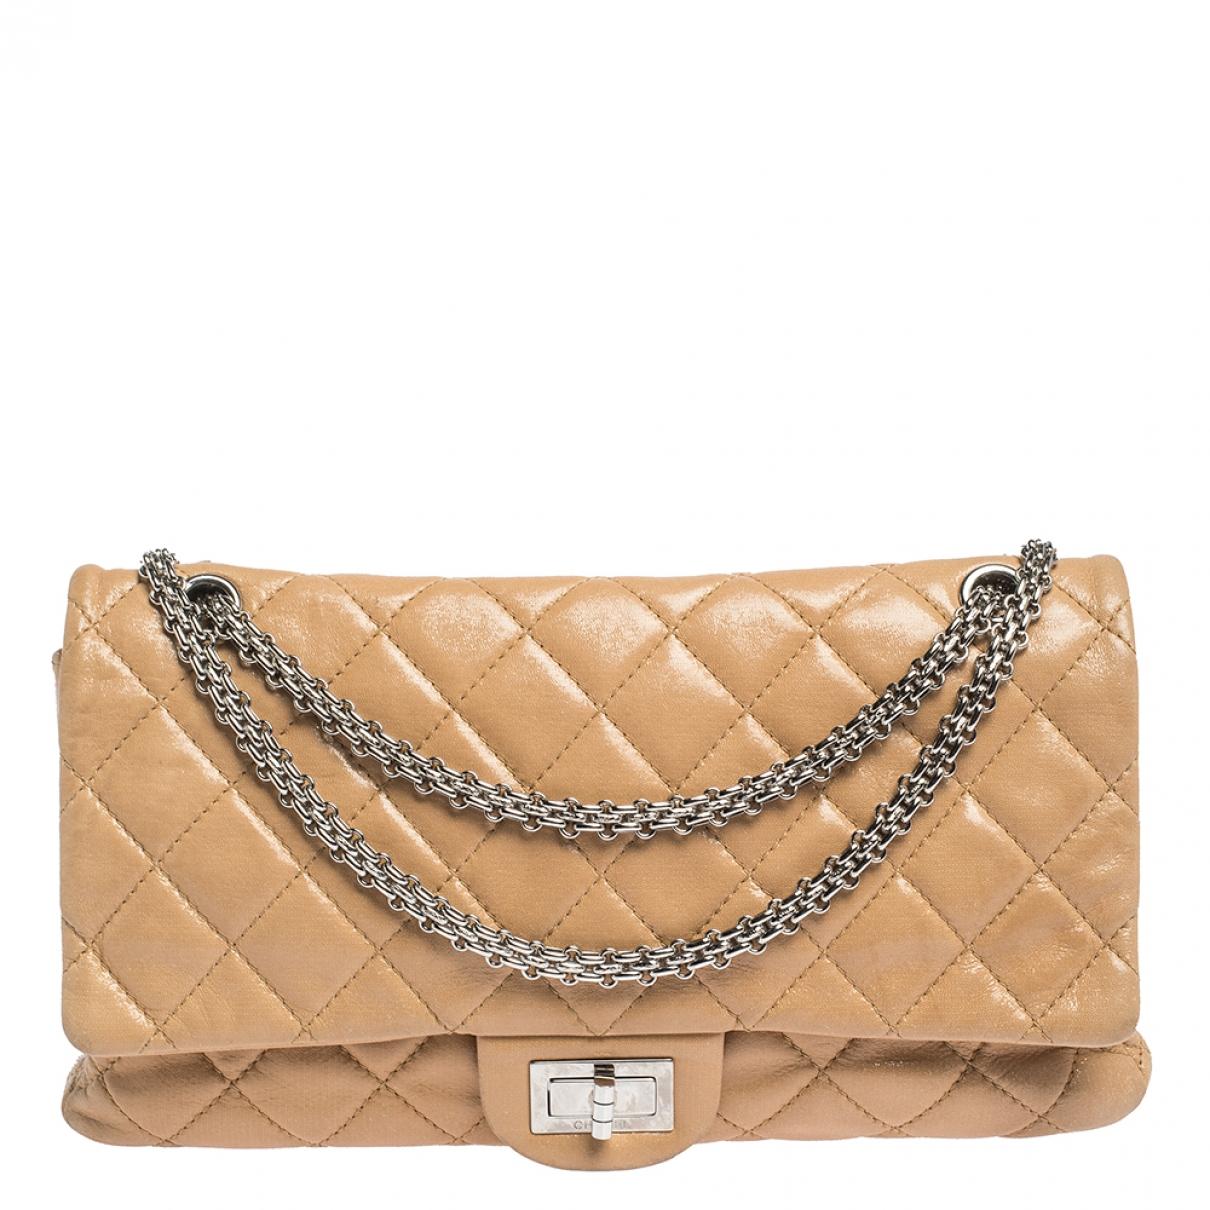 Bolso 2.55 de Cuero Chanel